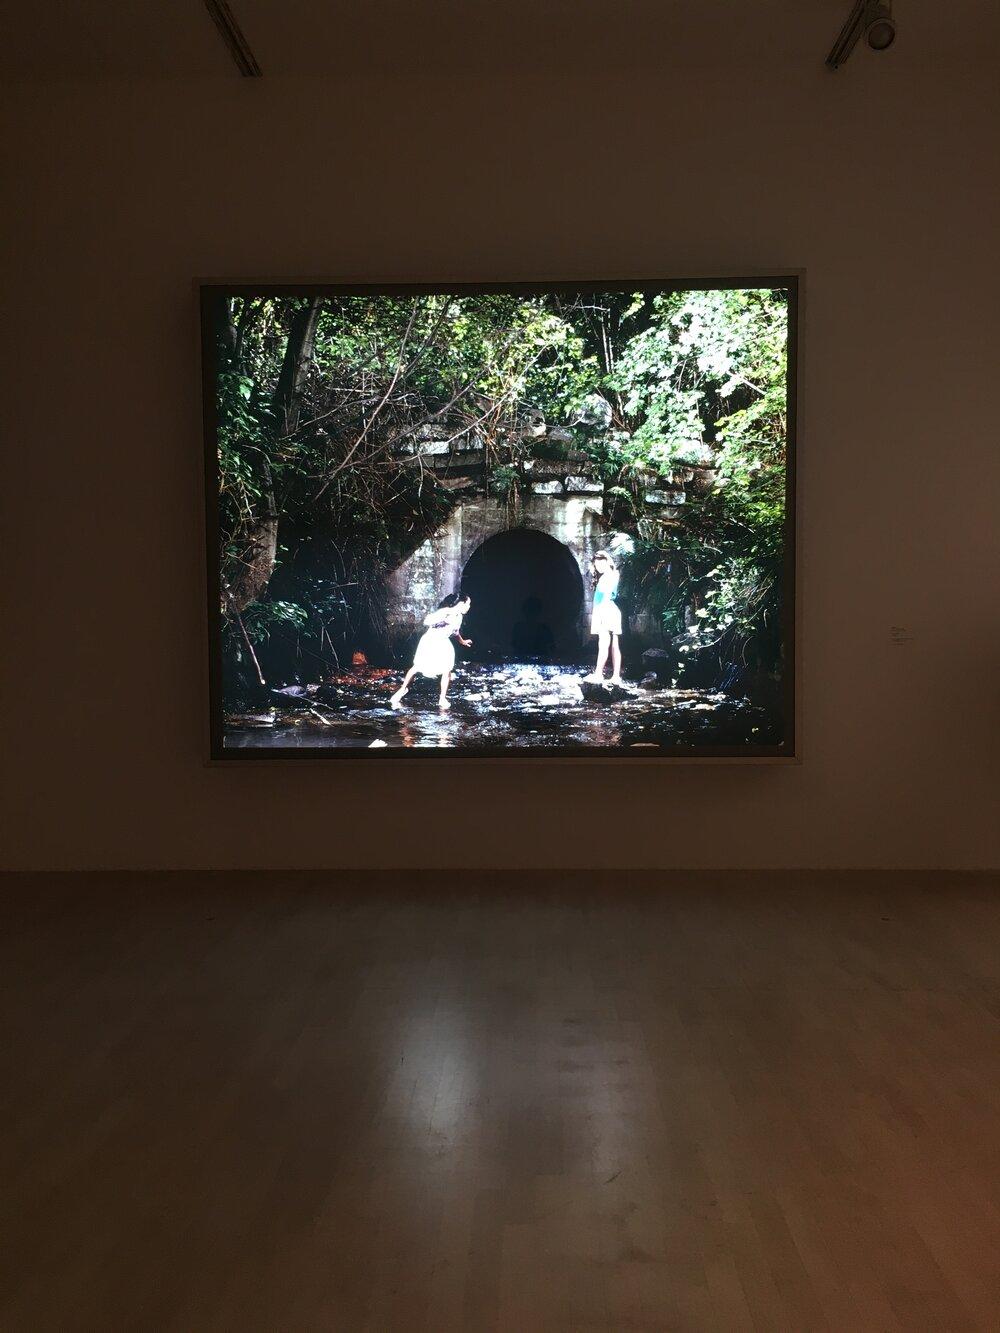 Работа Джеффа Уолла «Drain» (1989) в экспозиции музея К21, Дюссельдорф